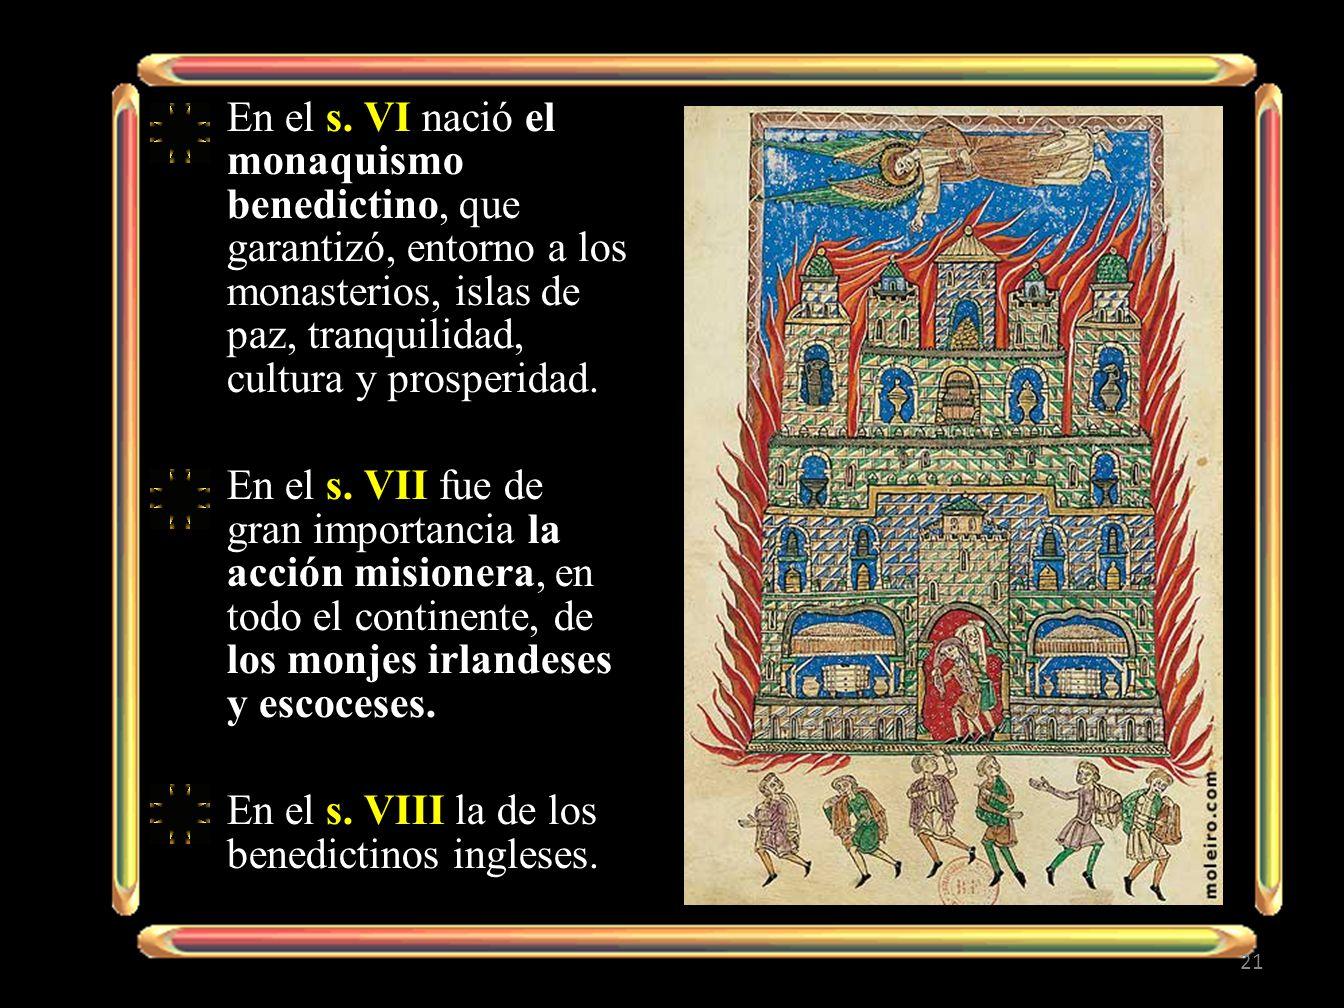 En el s. VI nació el monaquismo benedictino, que garantizó, entorno a los monasterios, islas de paz, tranquilidad, cultura y prosperidad.